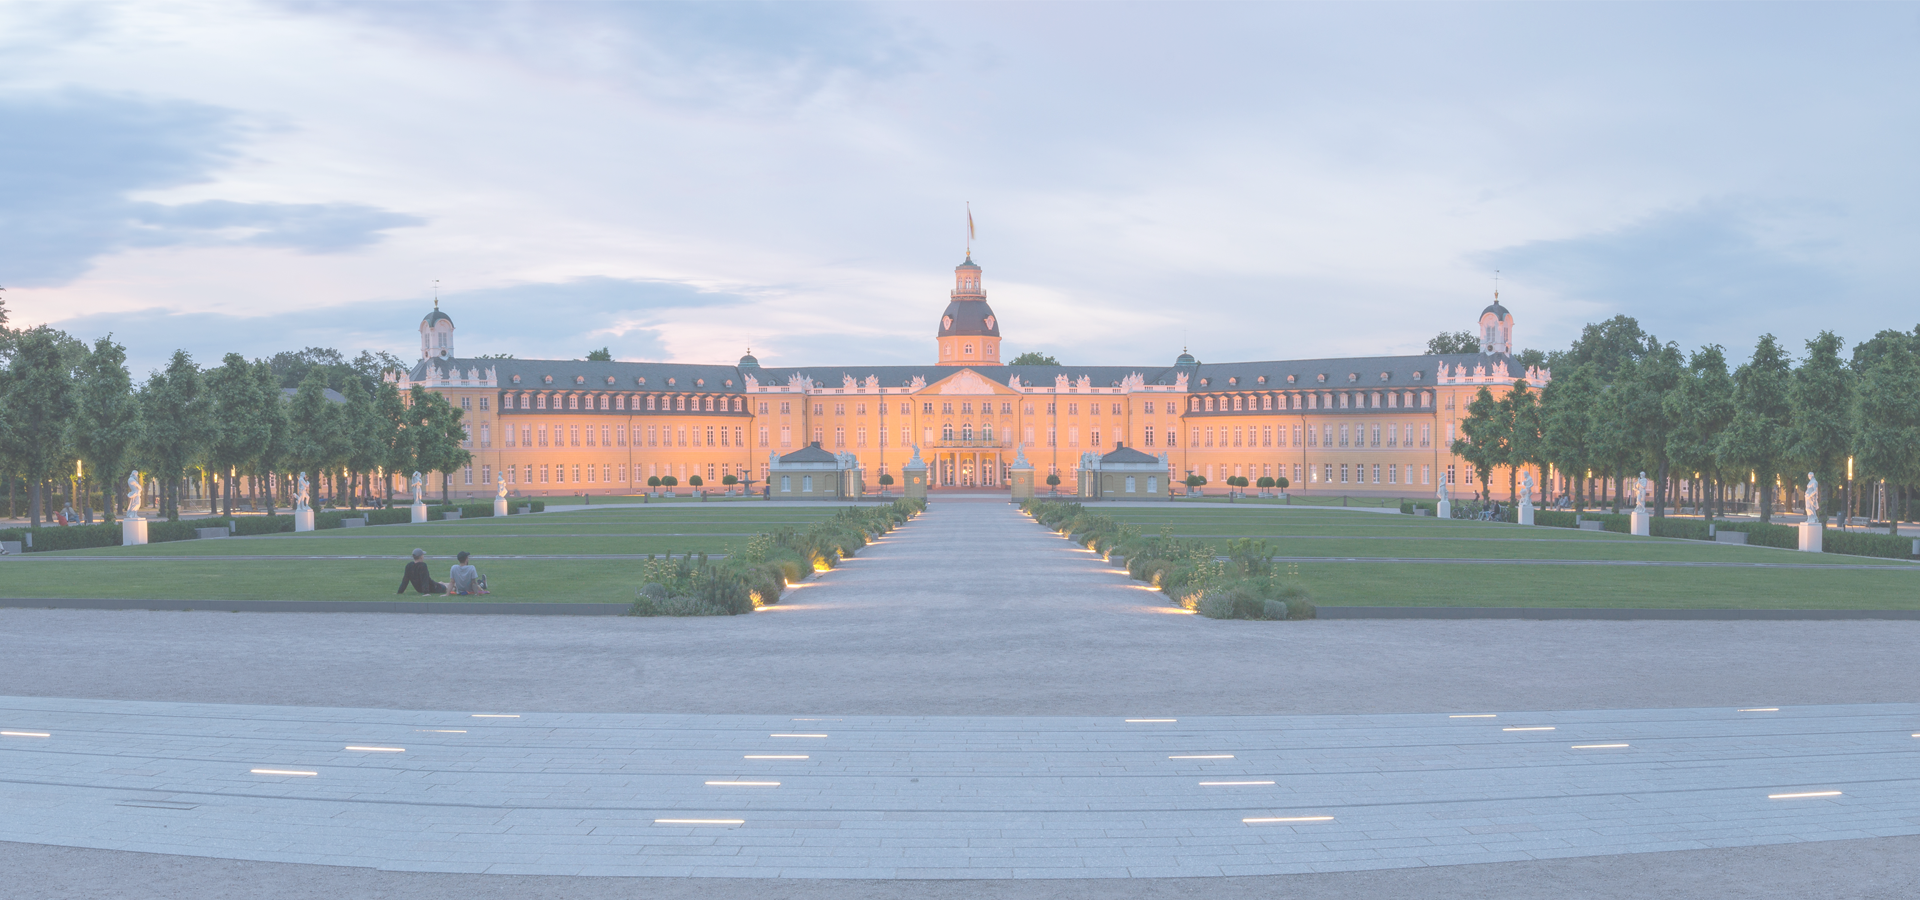 Peer-to-peer advisory in Karlsruhe, Baden-Württemberg, Germany